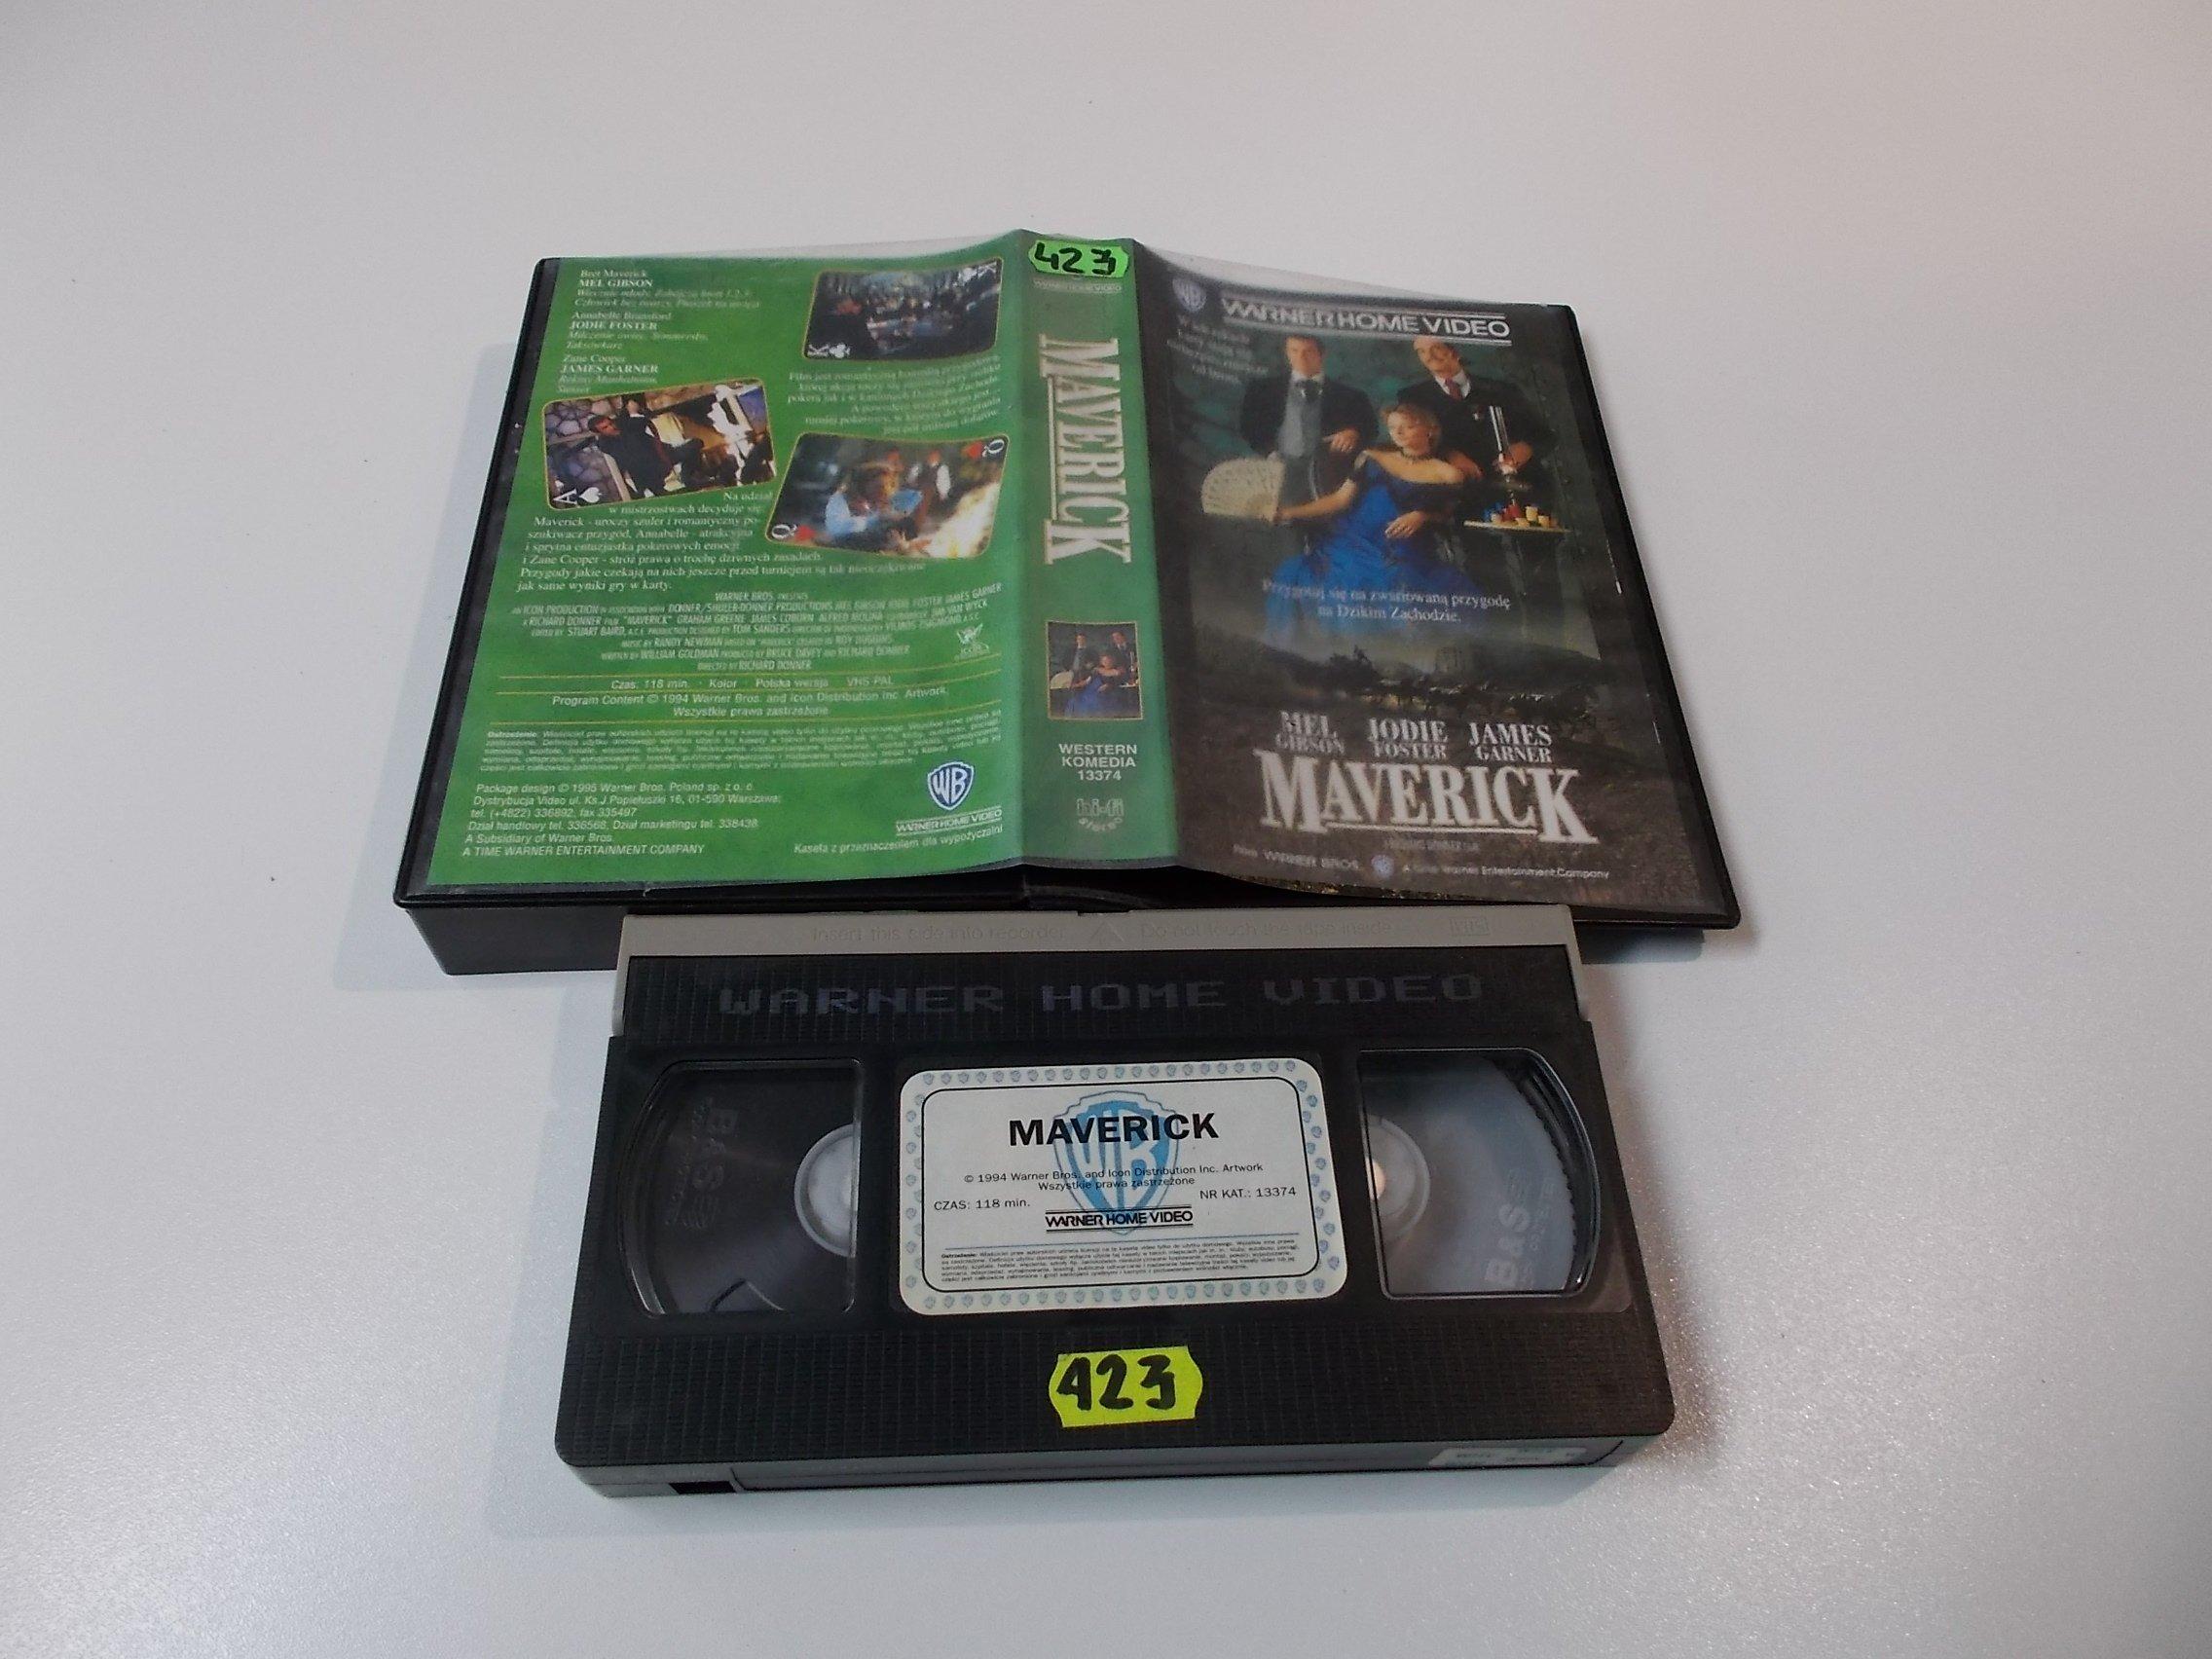 MAVERICK - Kaseta Video VHS - Opole 1581